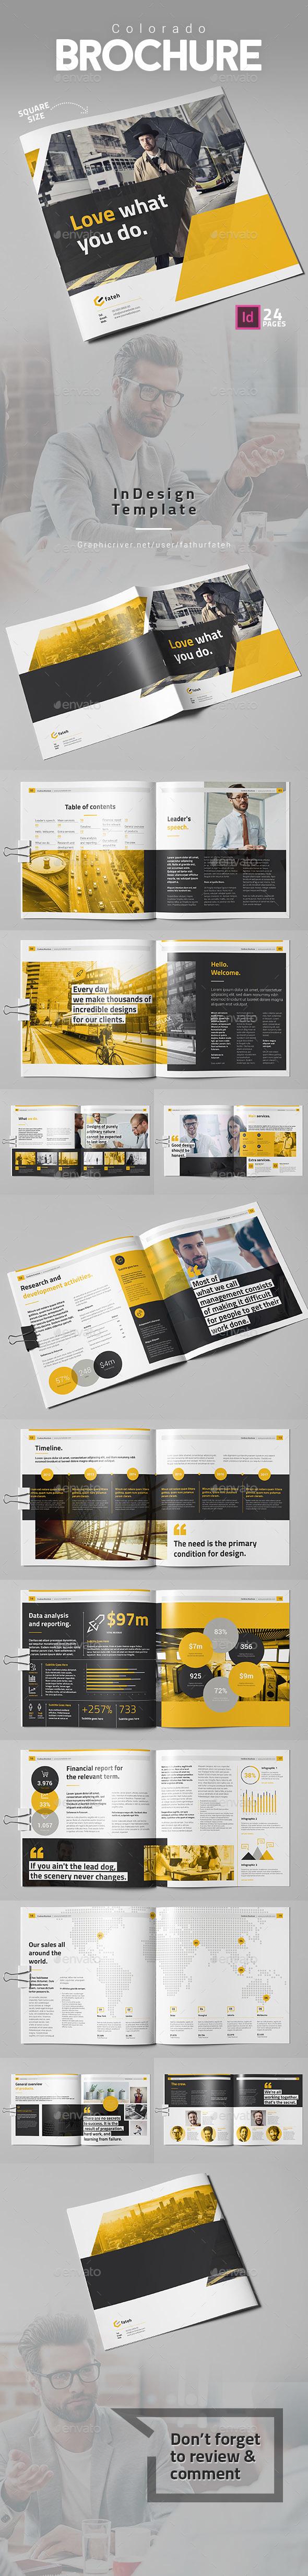 Colorado Brochure Square - Corporate Brochures